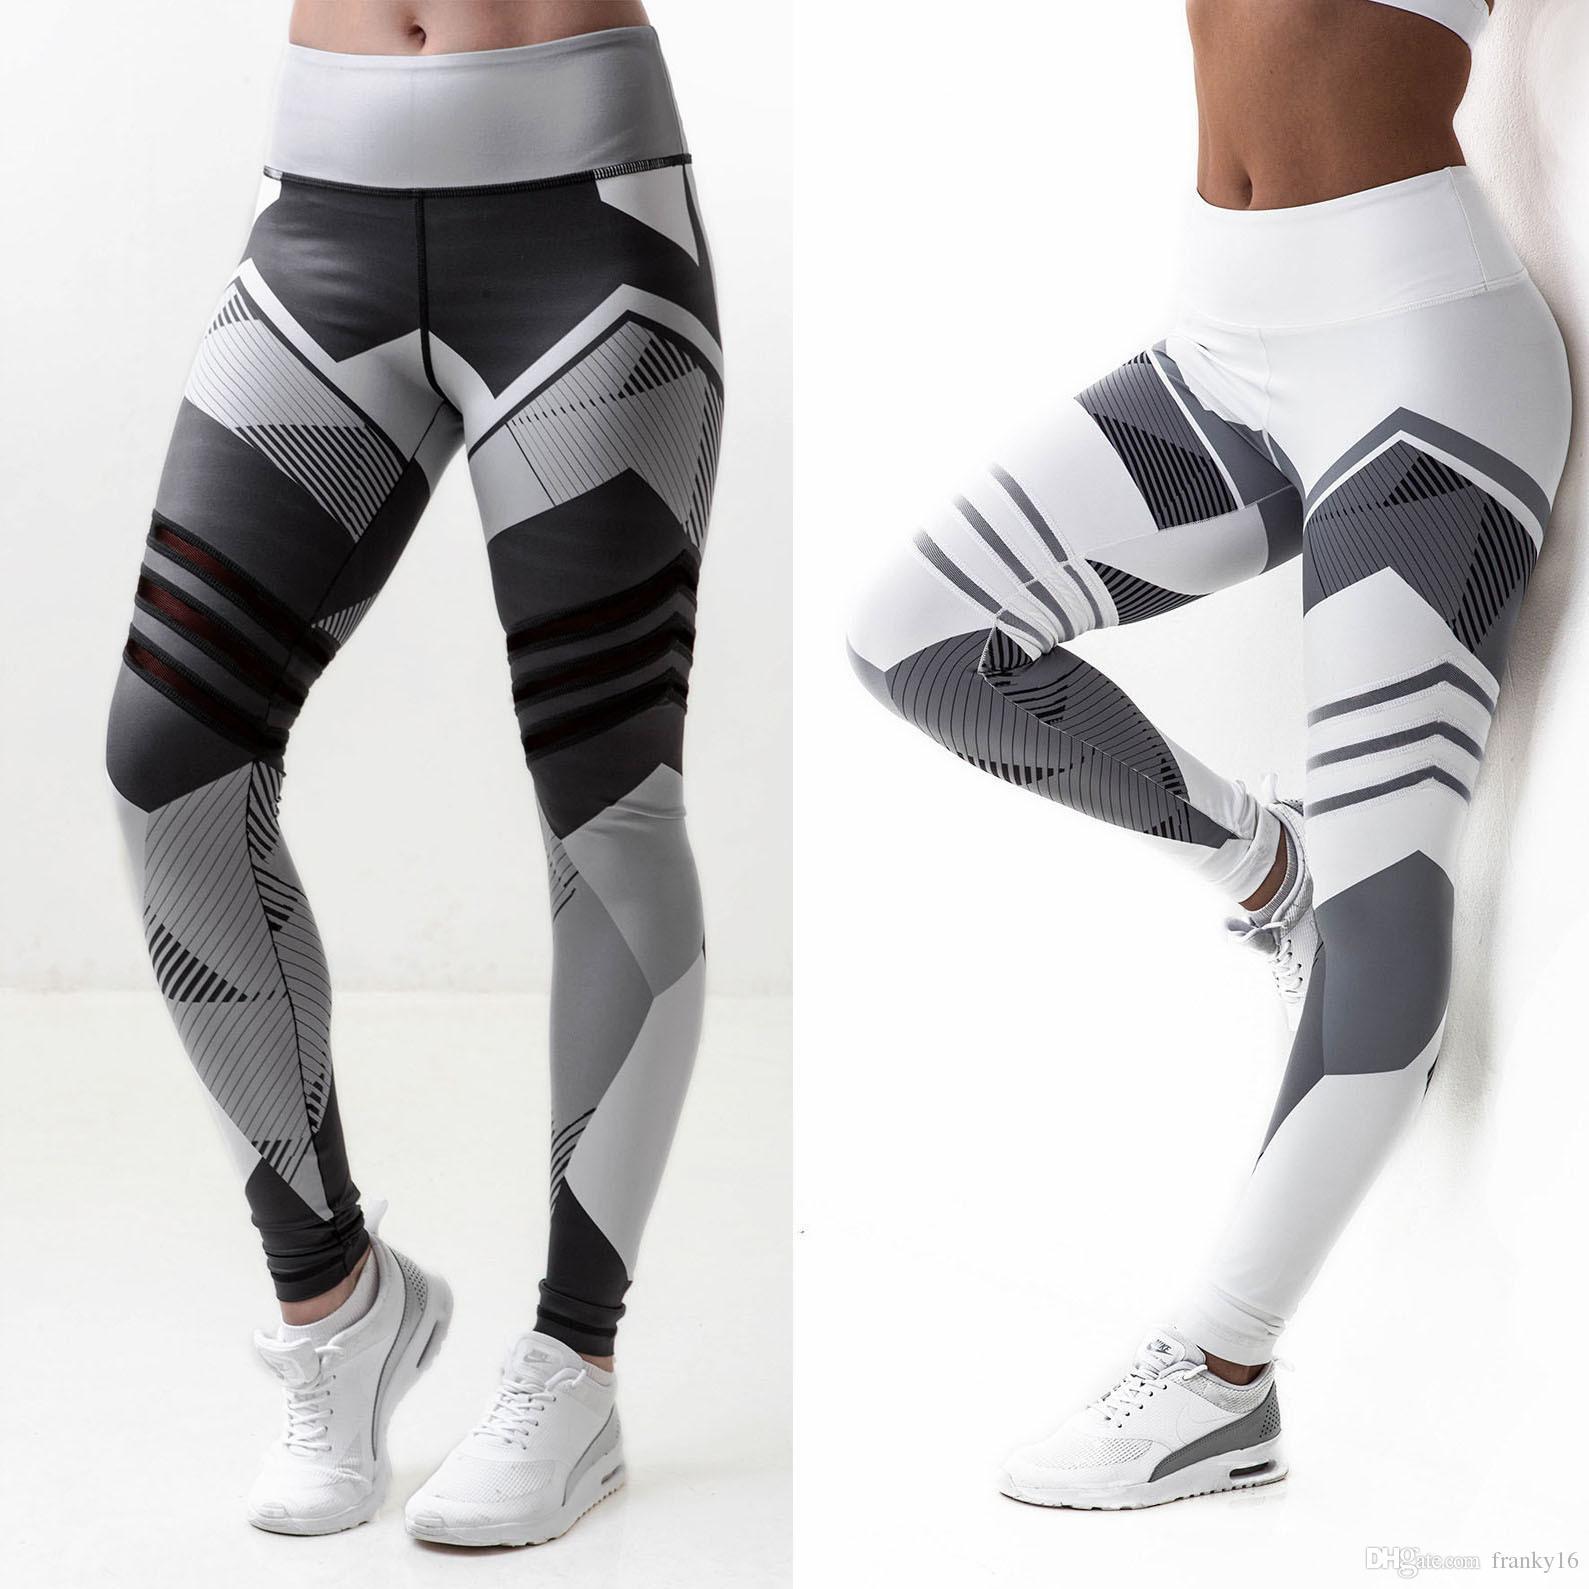 cd28dc7a77d971 2019 2017 Sport Leisure Leggings Women Digital Printing Fitness Slim Black  White High Waist Legging Sport Yoga Bodybuilding Leggings From Franky16, ...